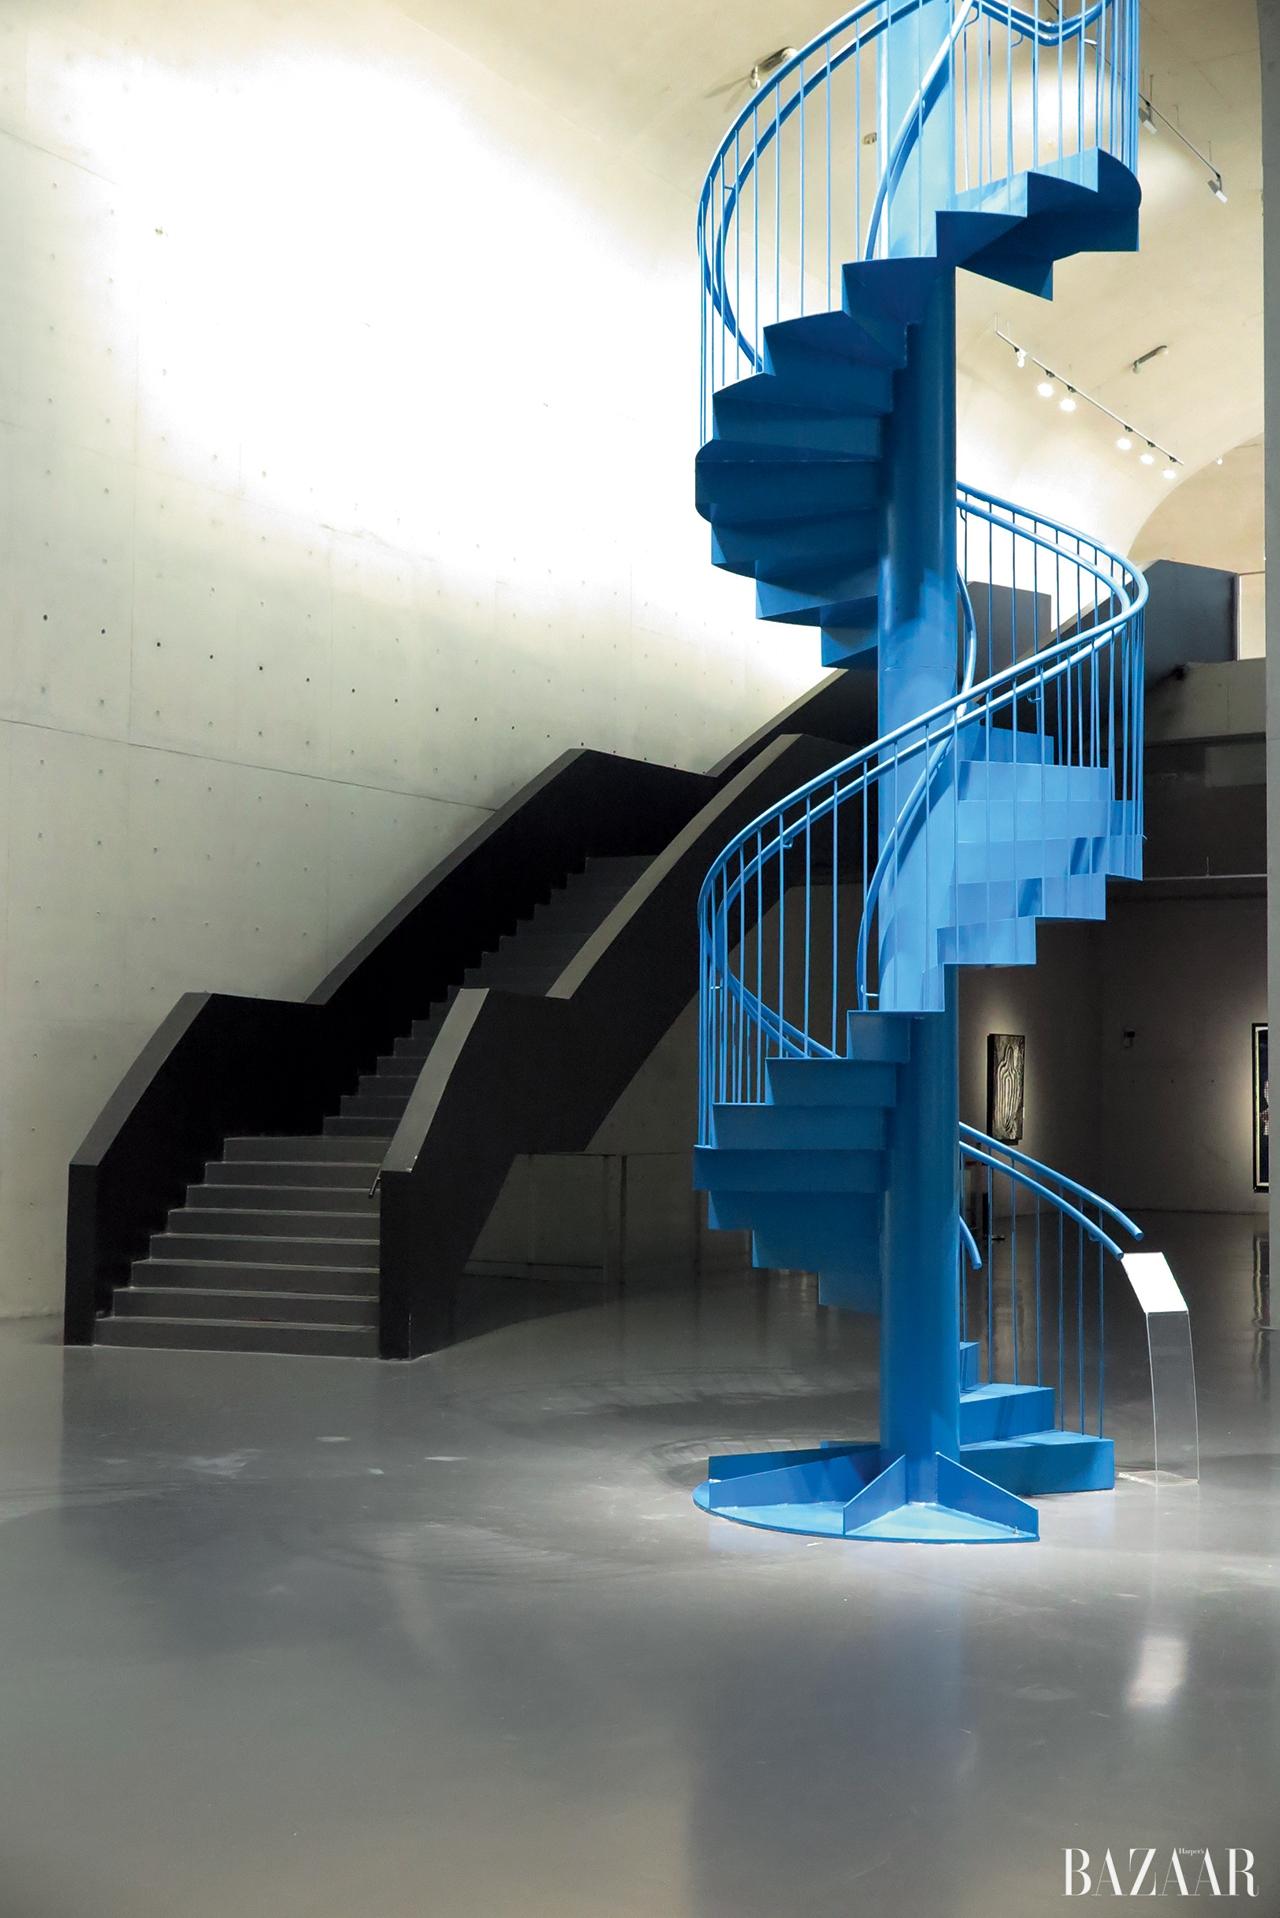 쿠사마 야요이의 'Woman'하늘로 올라가는 파란 계단은 오노 요코의 'To See the Sky'